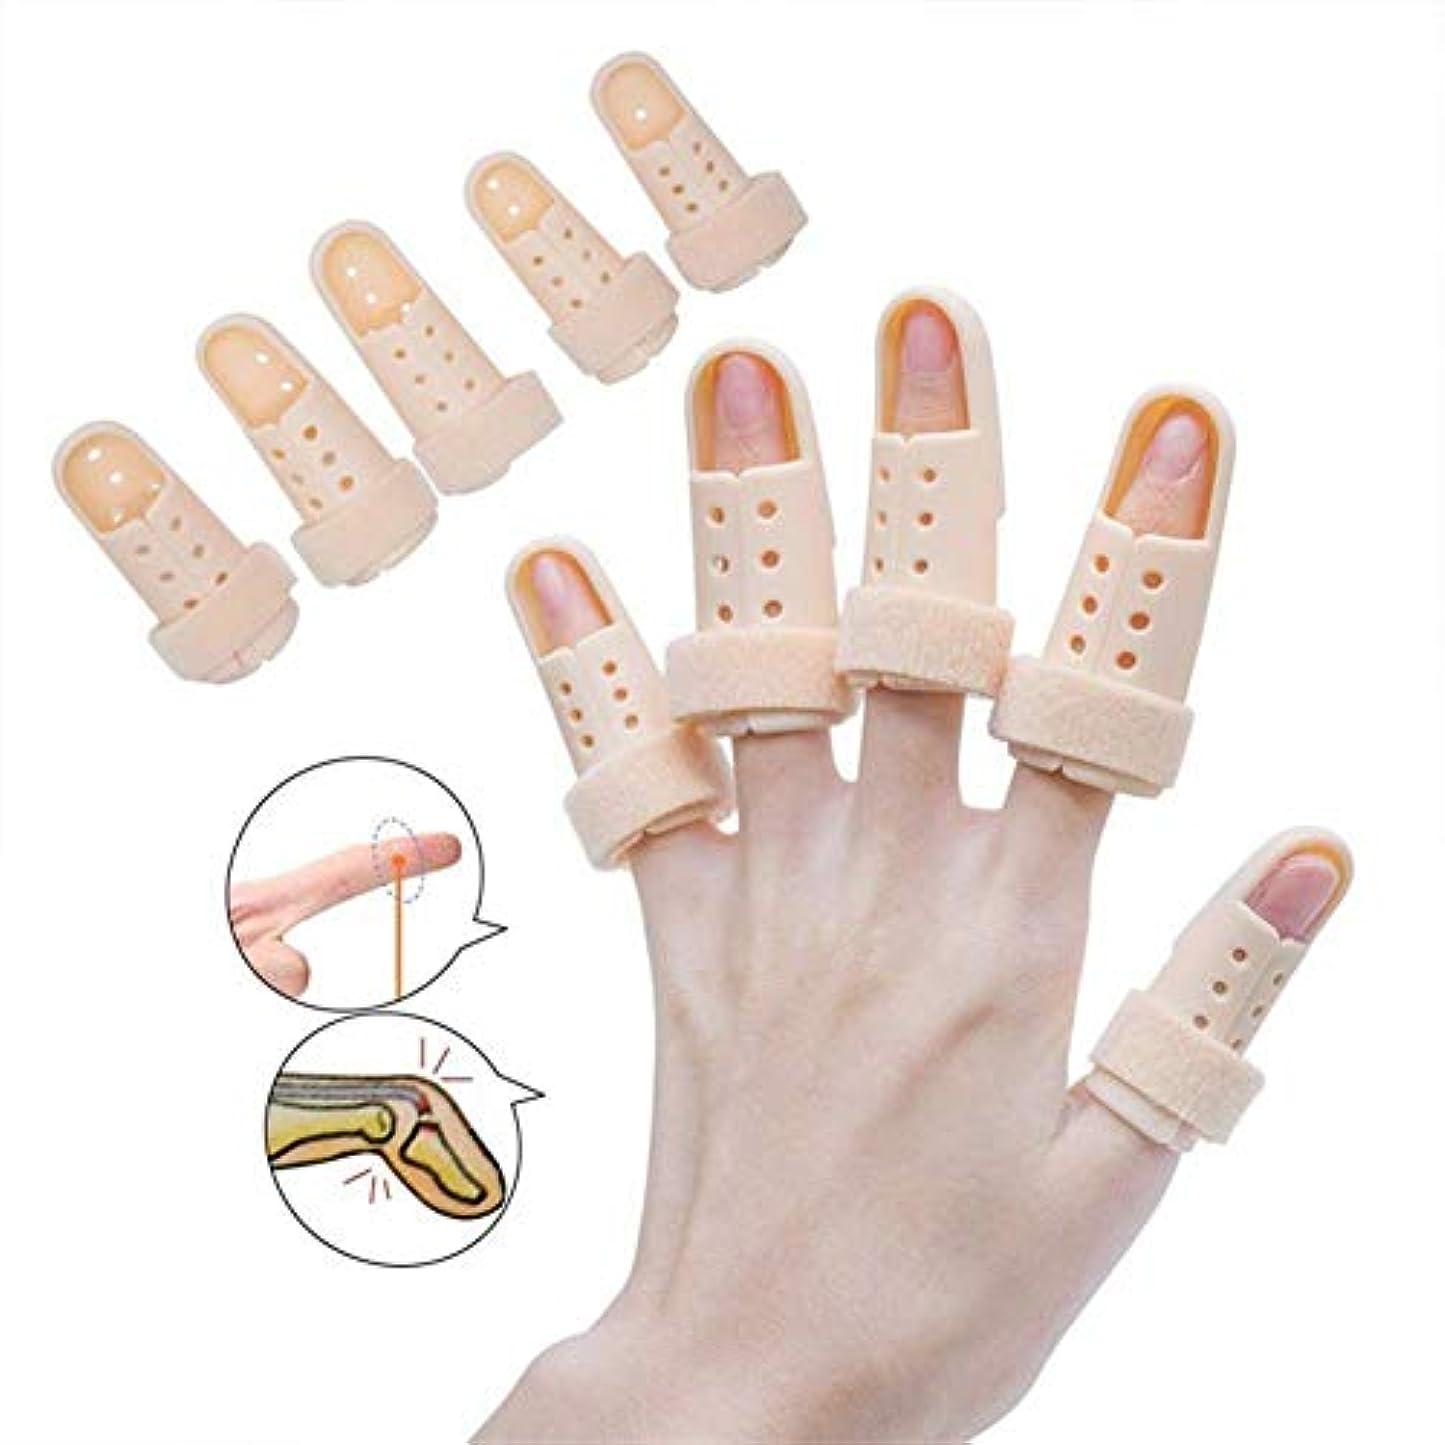 ヒントロビーコンソール指の怪我のサポート、スプリントは指の捻rain関節炎の中立保護骨折サポートのスプリントをトリガーします